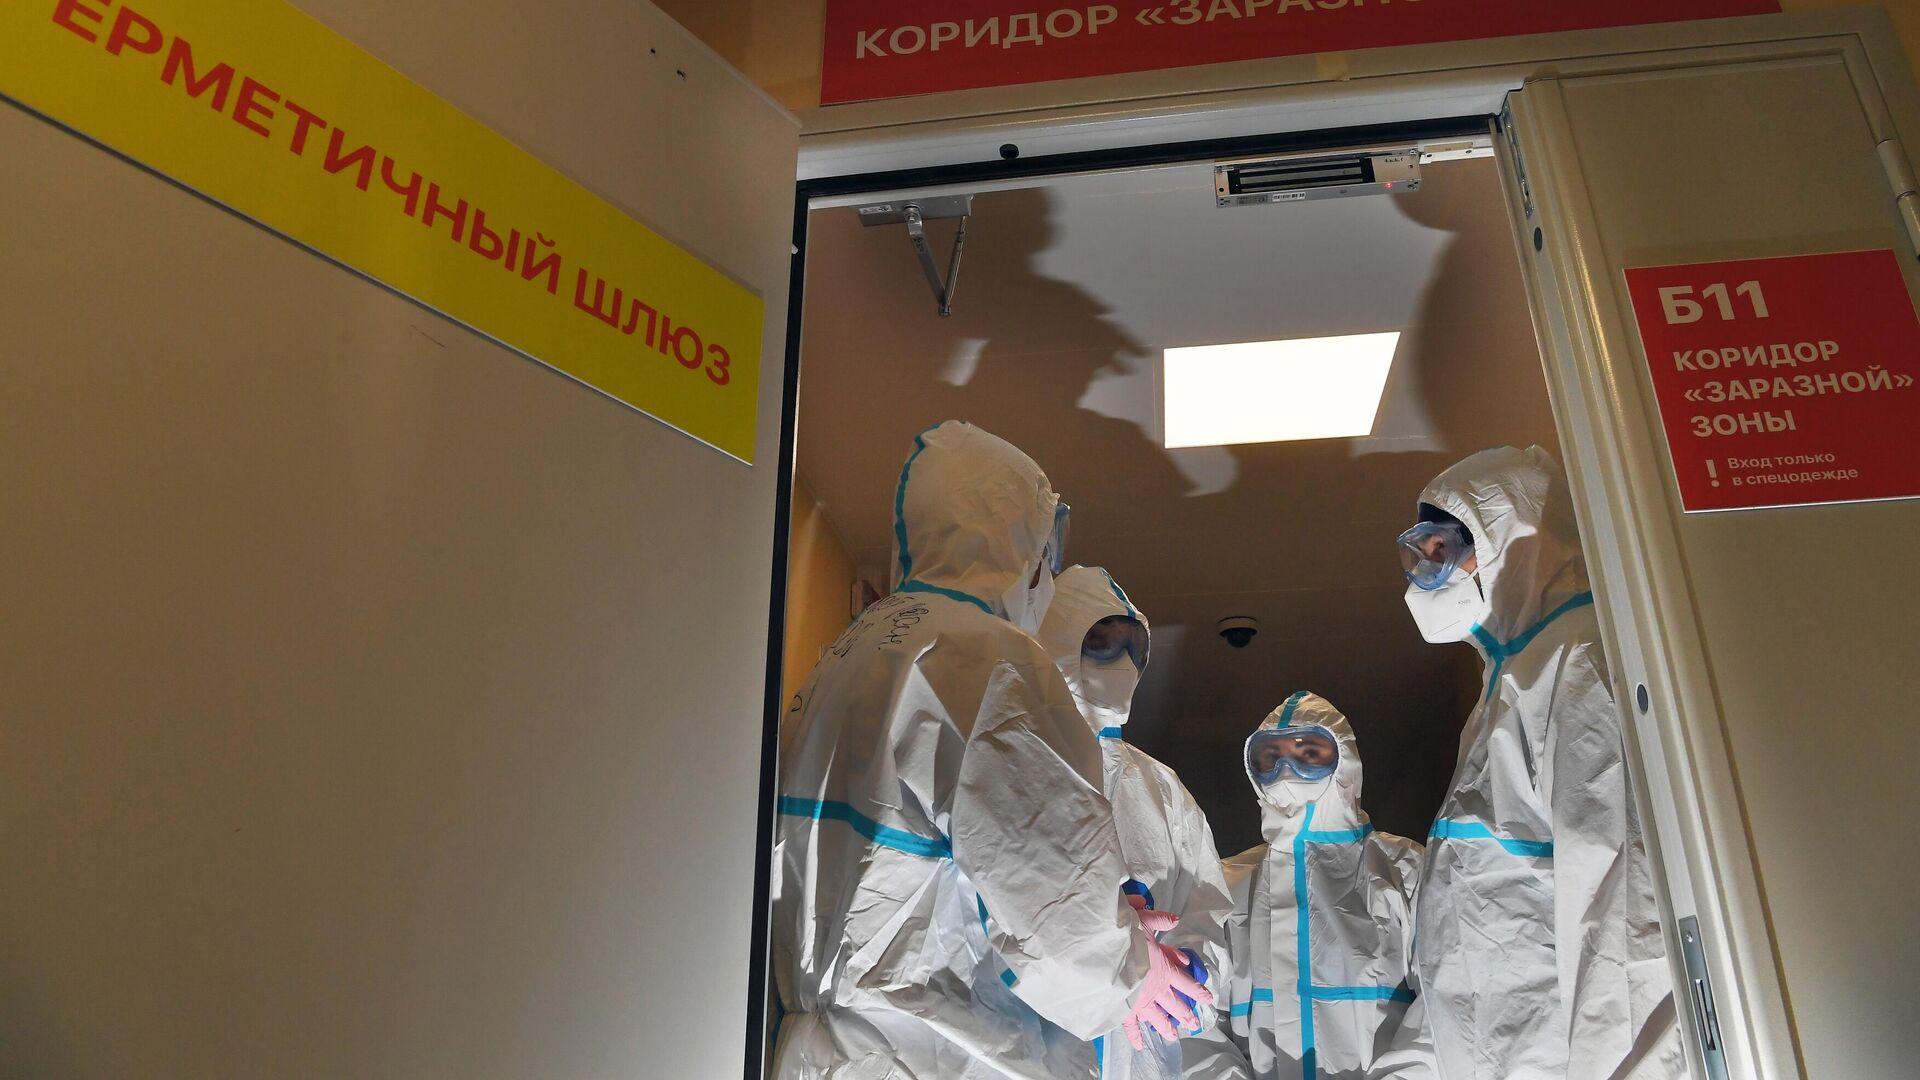 Медицинские работники в герметичном шлюзе в коридоре заразной зоны в МКЦИБ Вороновское  - РИА Новости, 1920, 17.05.2021